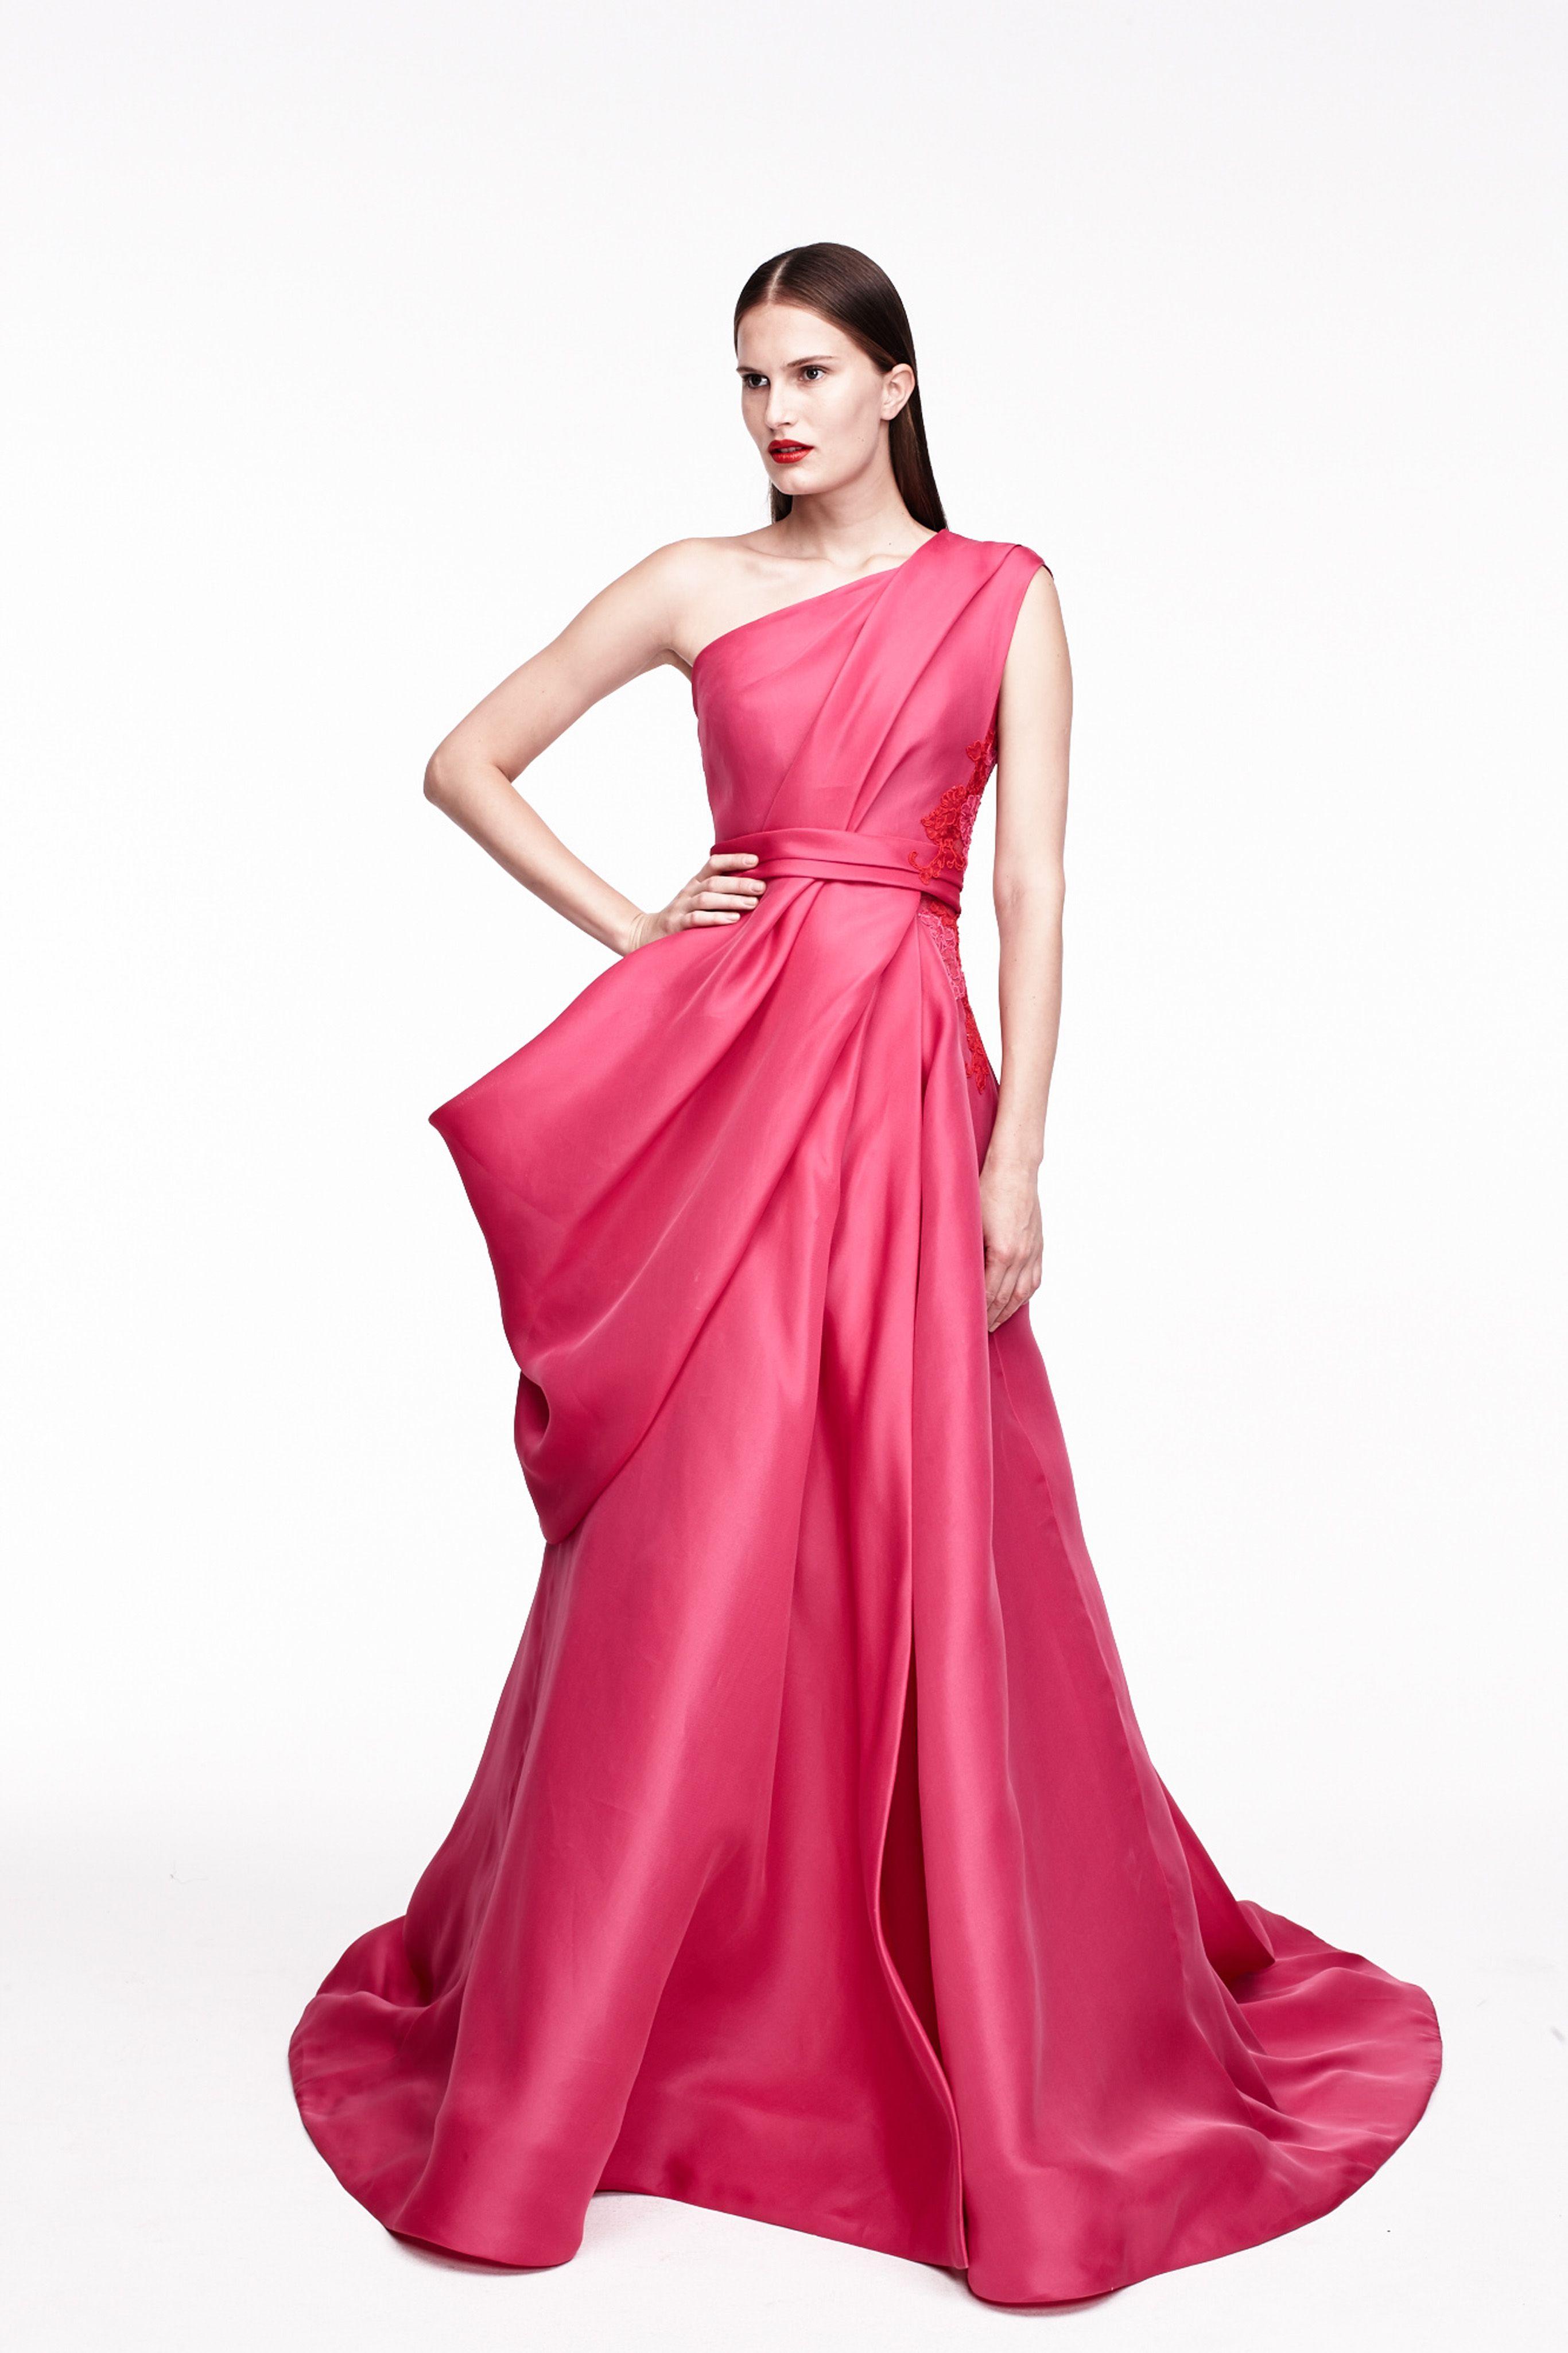 Monique Lhuillier Resort 2015 | Incredible gowns | Pinterest ...